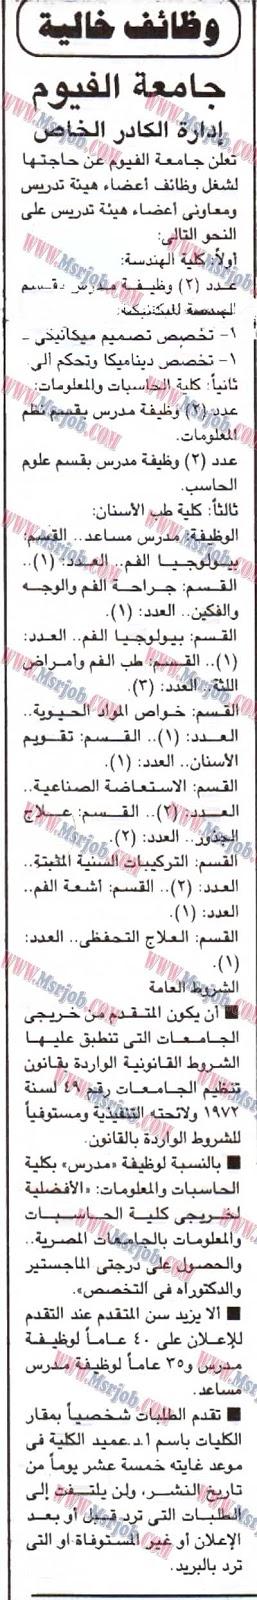 """وظائف حكومية لخريجي الجامعات """"جامعة الفيوم"""" منشور بالجمهورية بتاريخ 9 / 8 / 2017"""